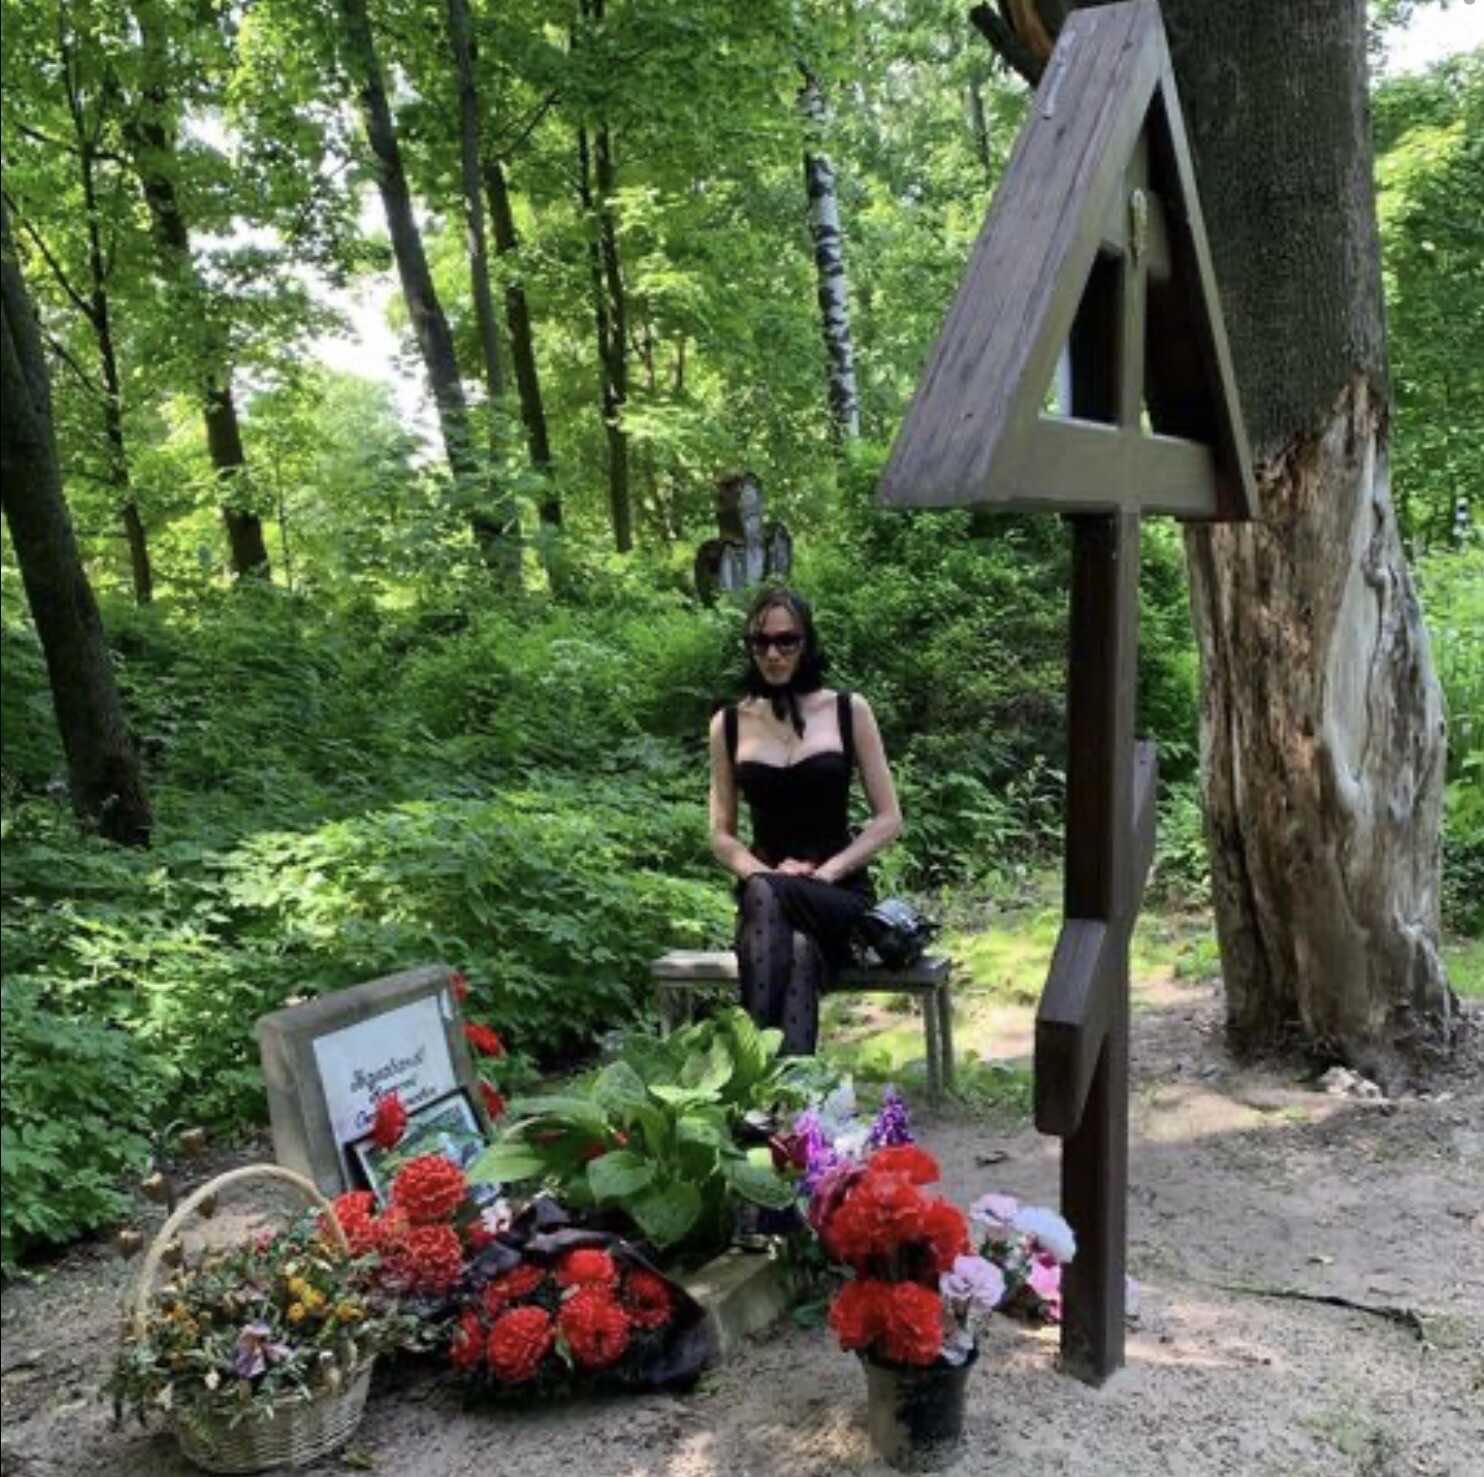 Алена Водонаева, надев траурный платок и оголив грудь, явилась на кладбище